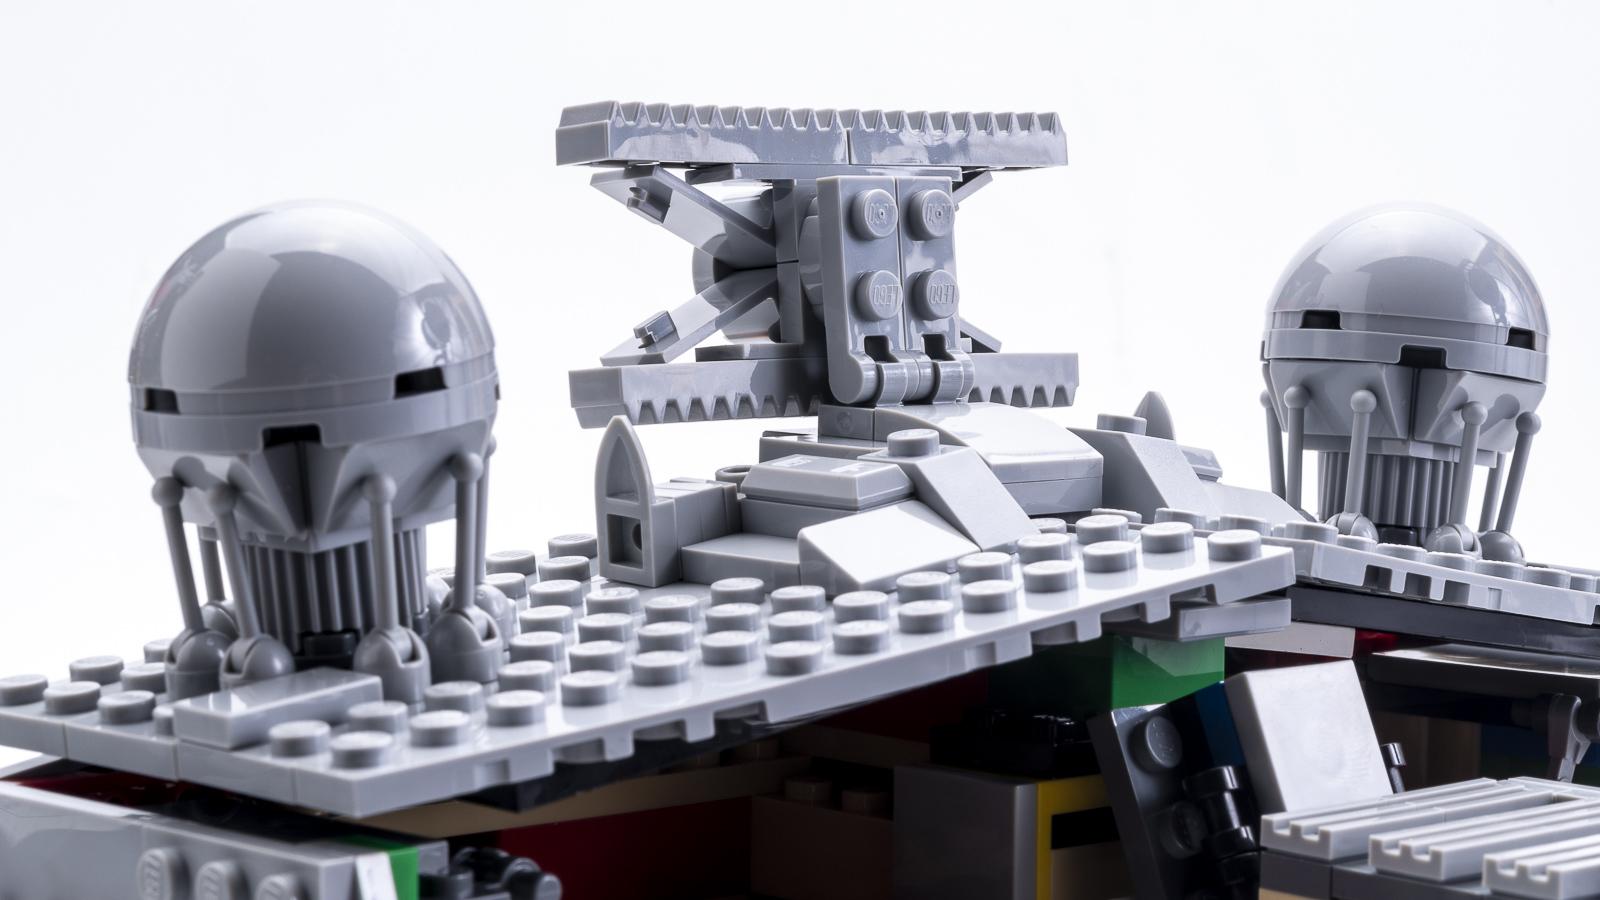 全長1mオーバー、LEGOで組む巨大なスター・デストロイヤーに本物の「優しさ」を感じた話_b0029315_18205563.jpg